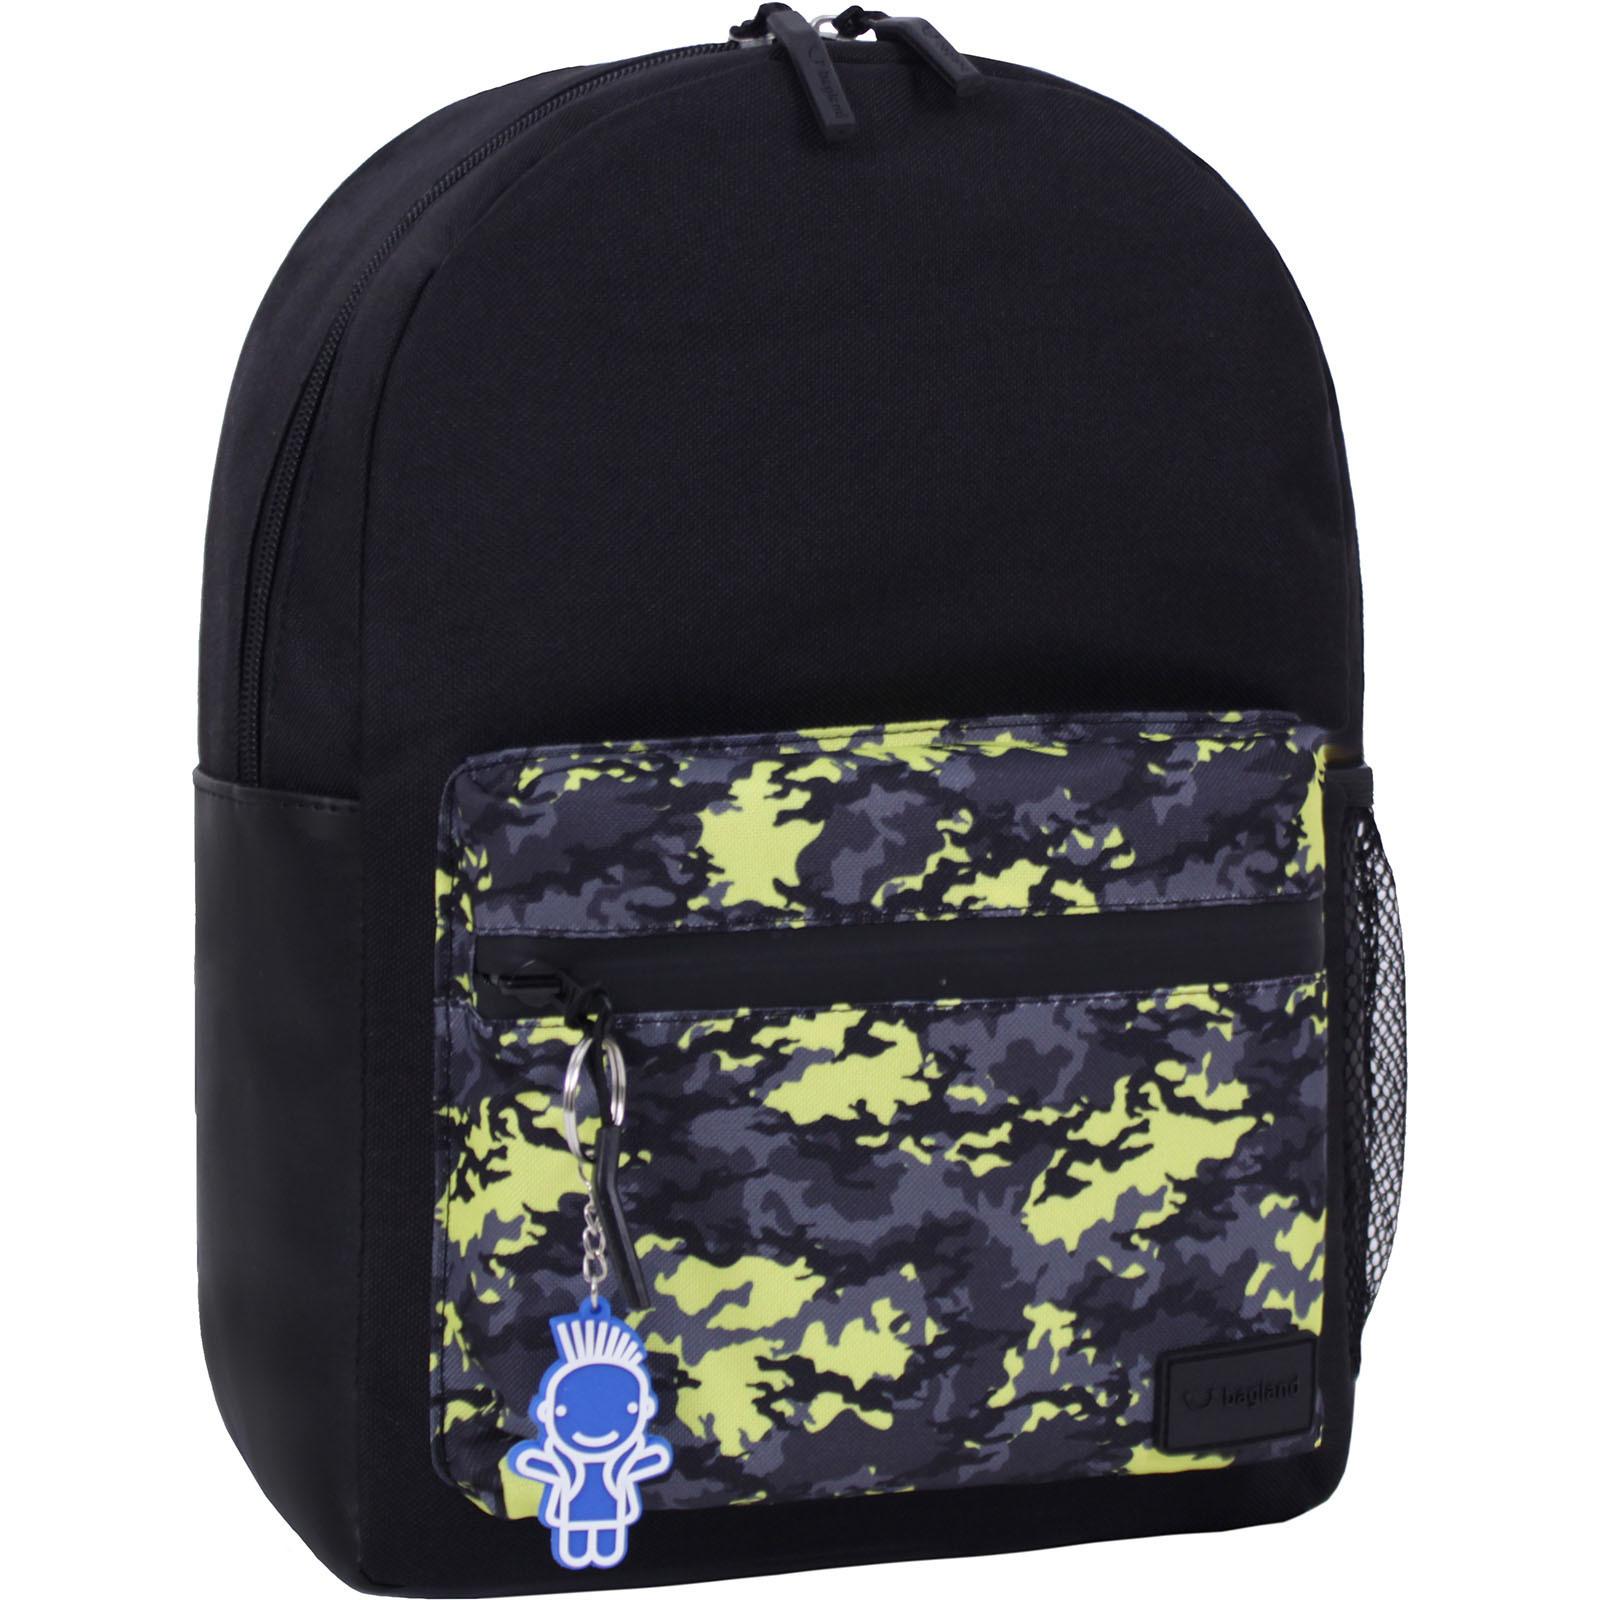 Молодежные рюкзаки Рюкзак Bagland  Frost 13 л. черный сублимация 454 (00540663) IMG_4389_суб.454_.JPG